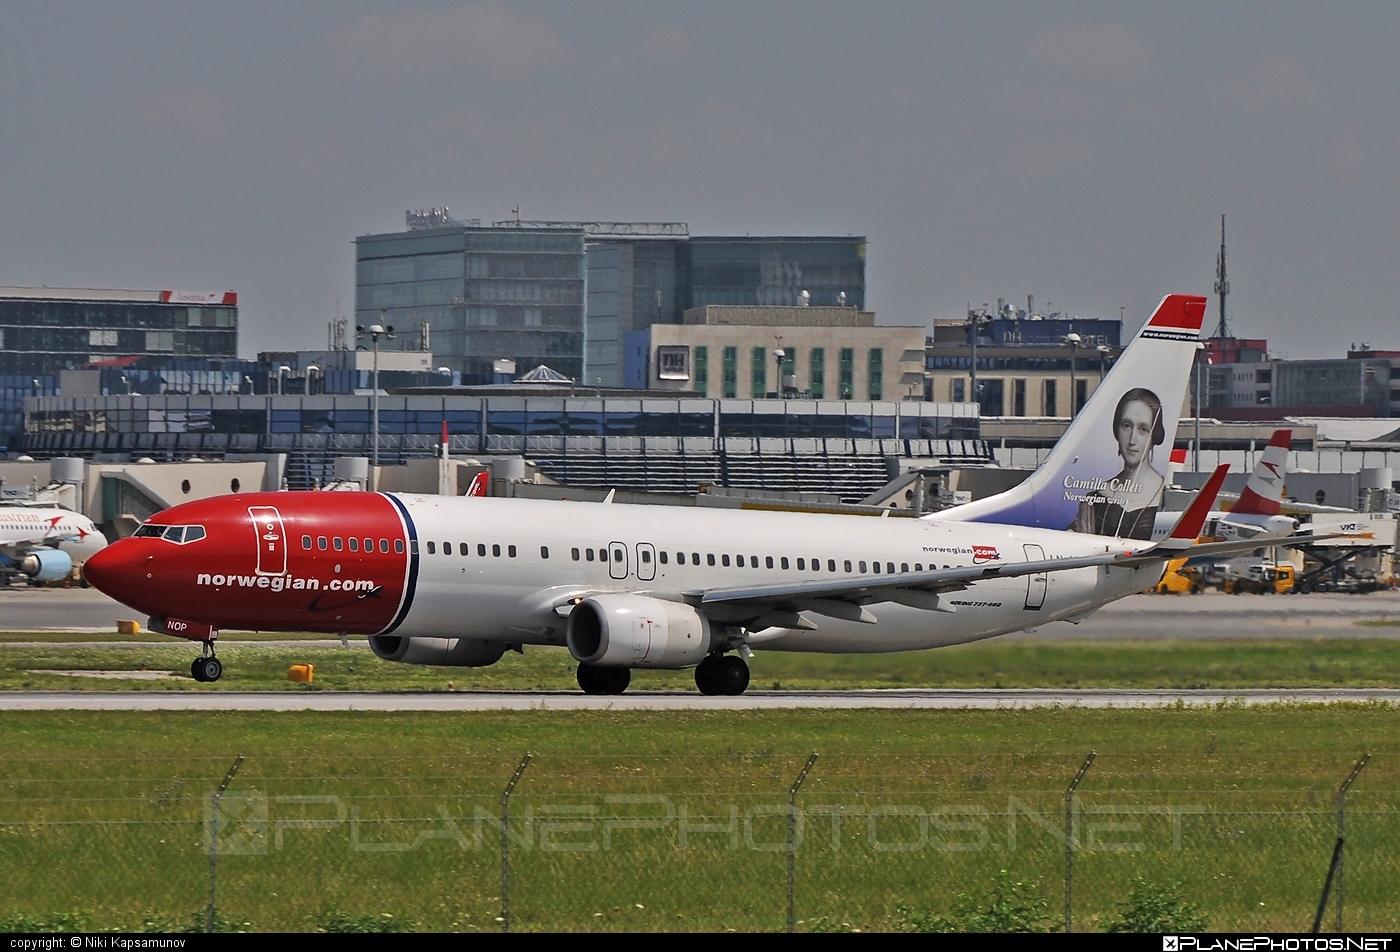 Boeing 737-800 - LN-NOP operated by Norwegian Air Shuttle #b737 #b737nextgen #b737ng #boeing #boeing737 #norwegian #norwegianair #norwegianairshuttle